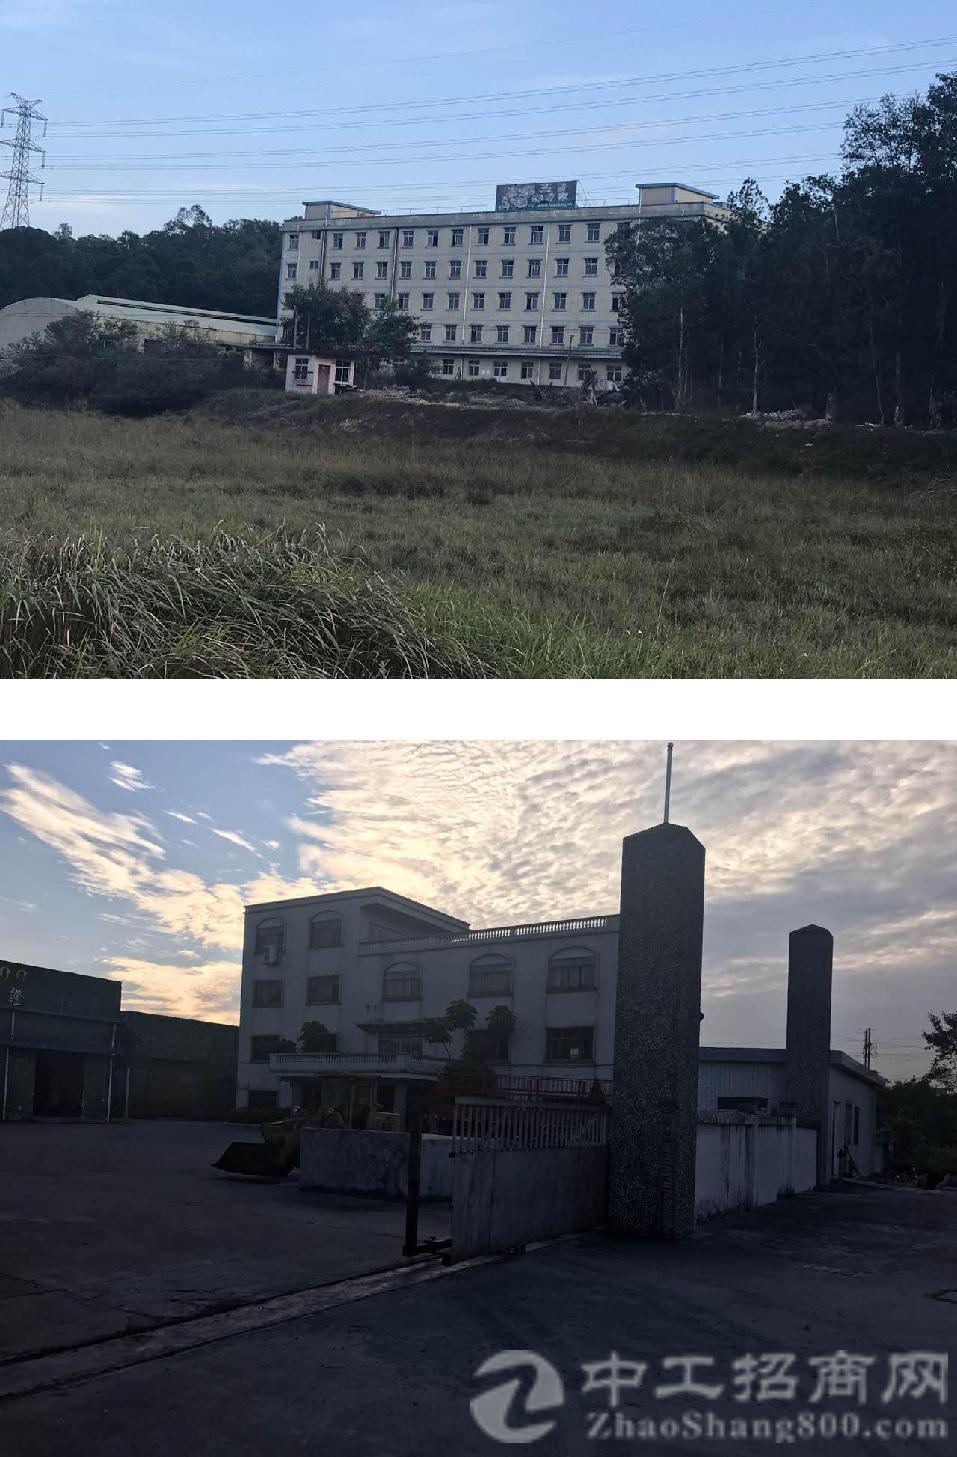 博罗县长宁镇建筑 17844 双证齐全 厂房出售